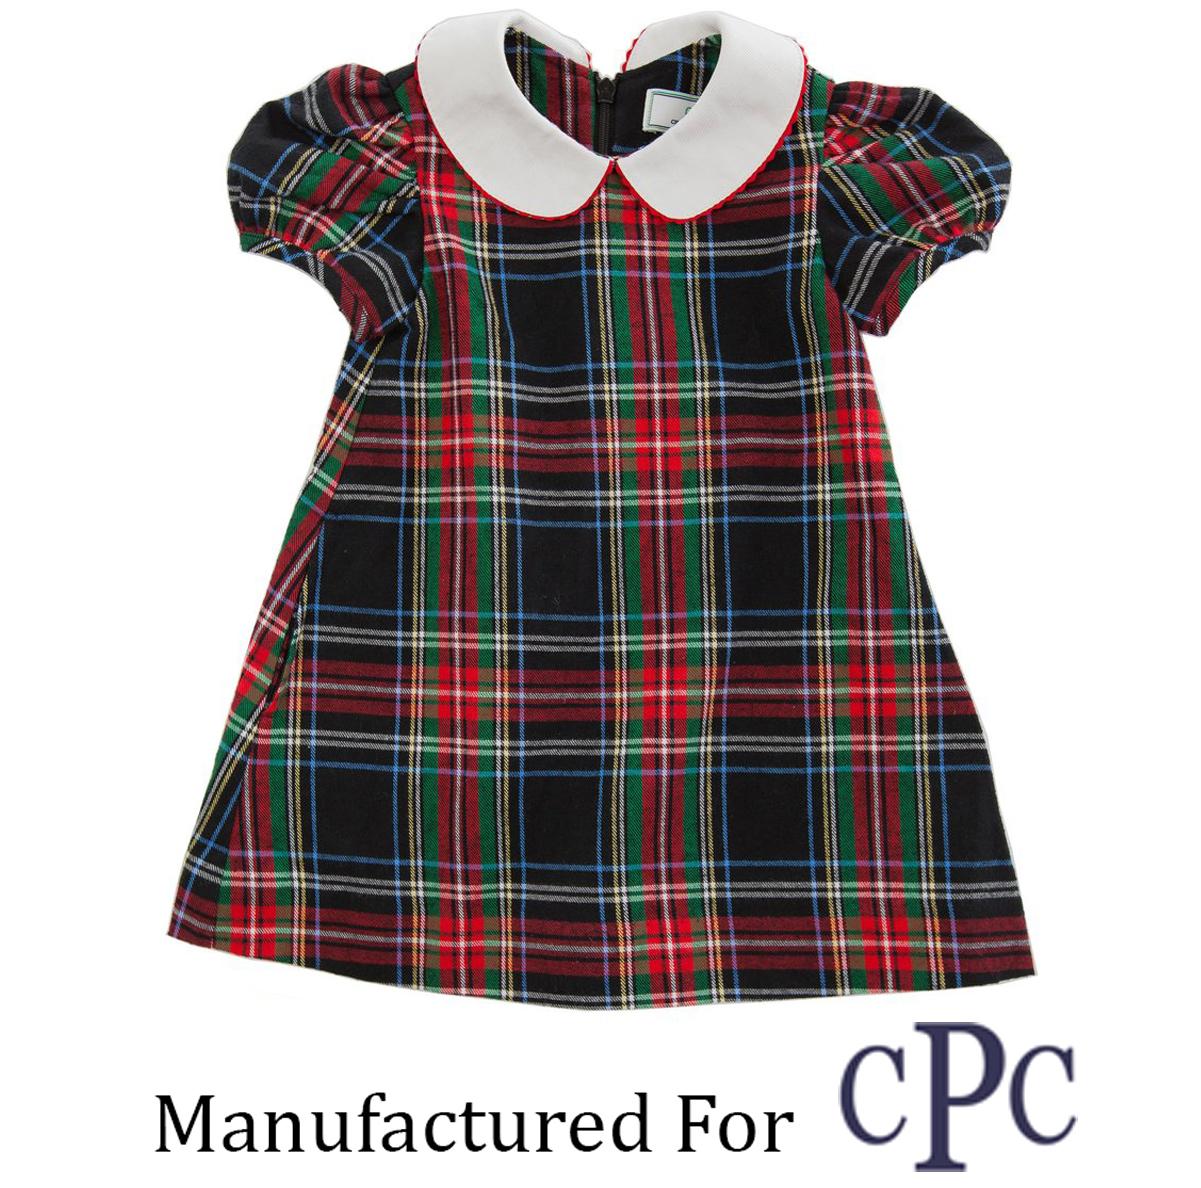 CPC Dress 2.jpg